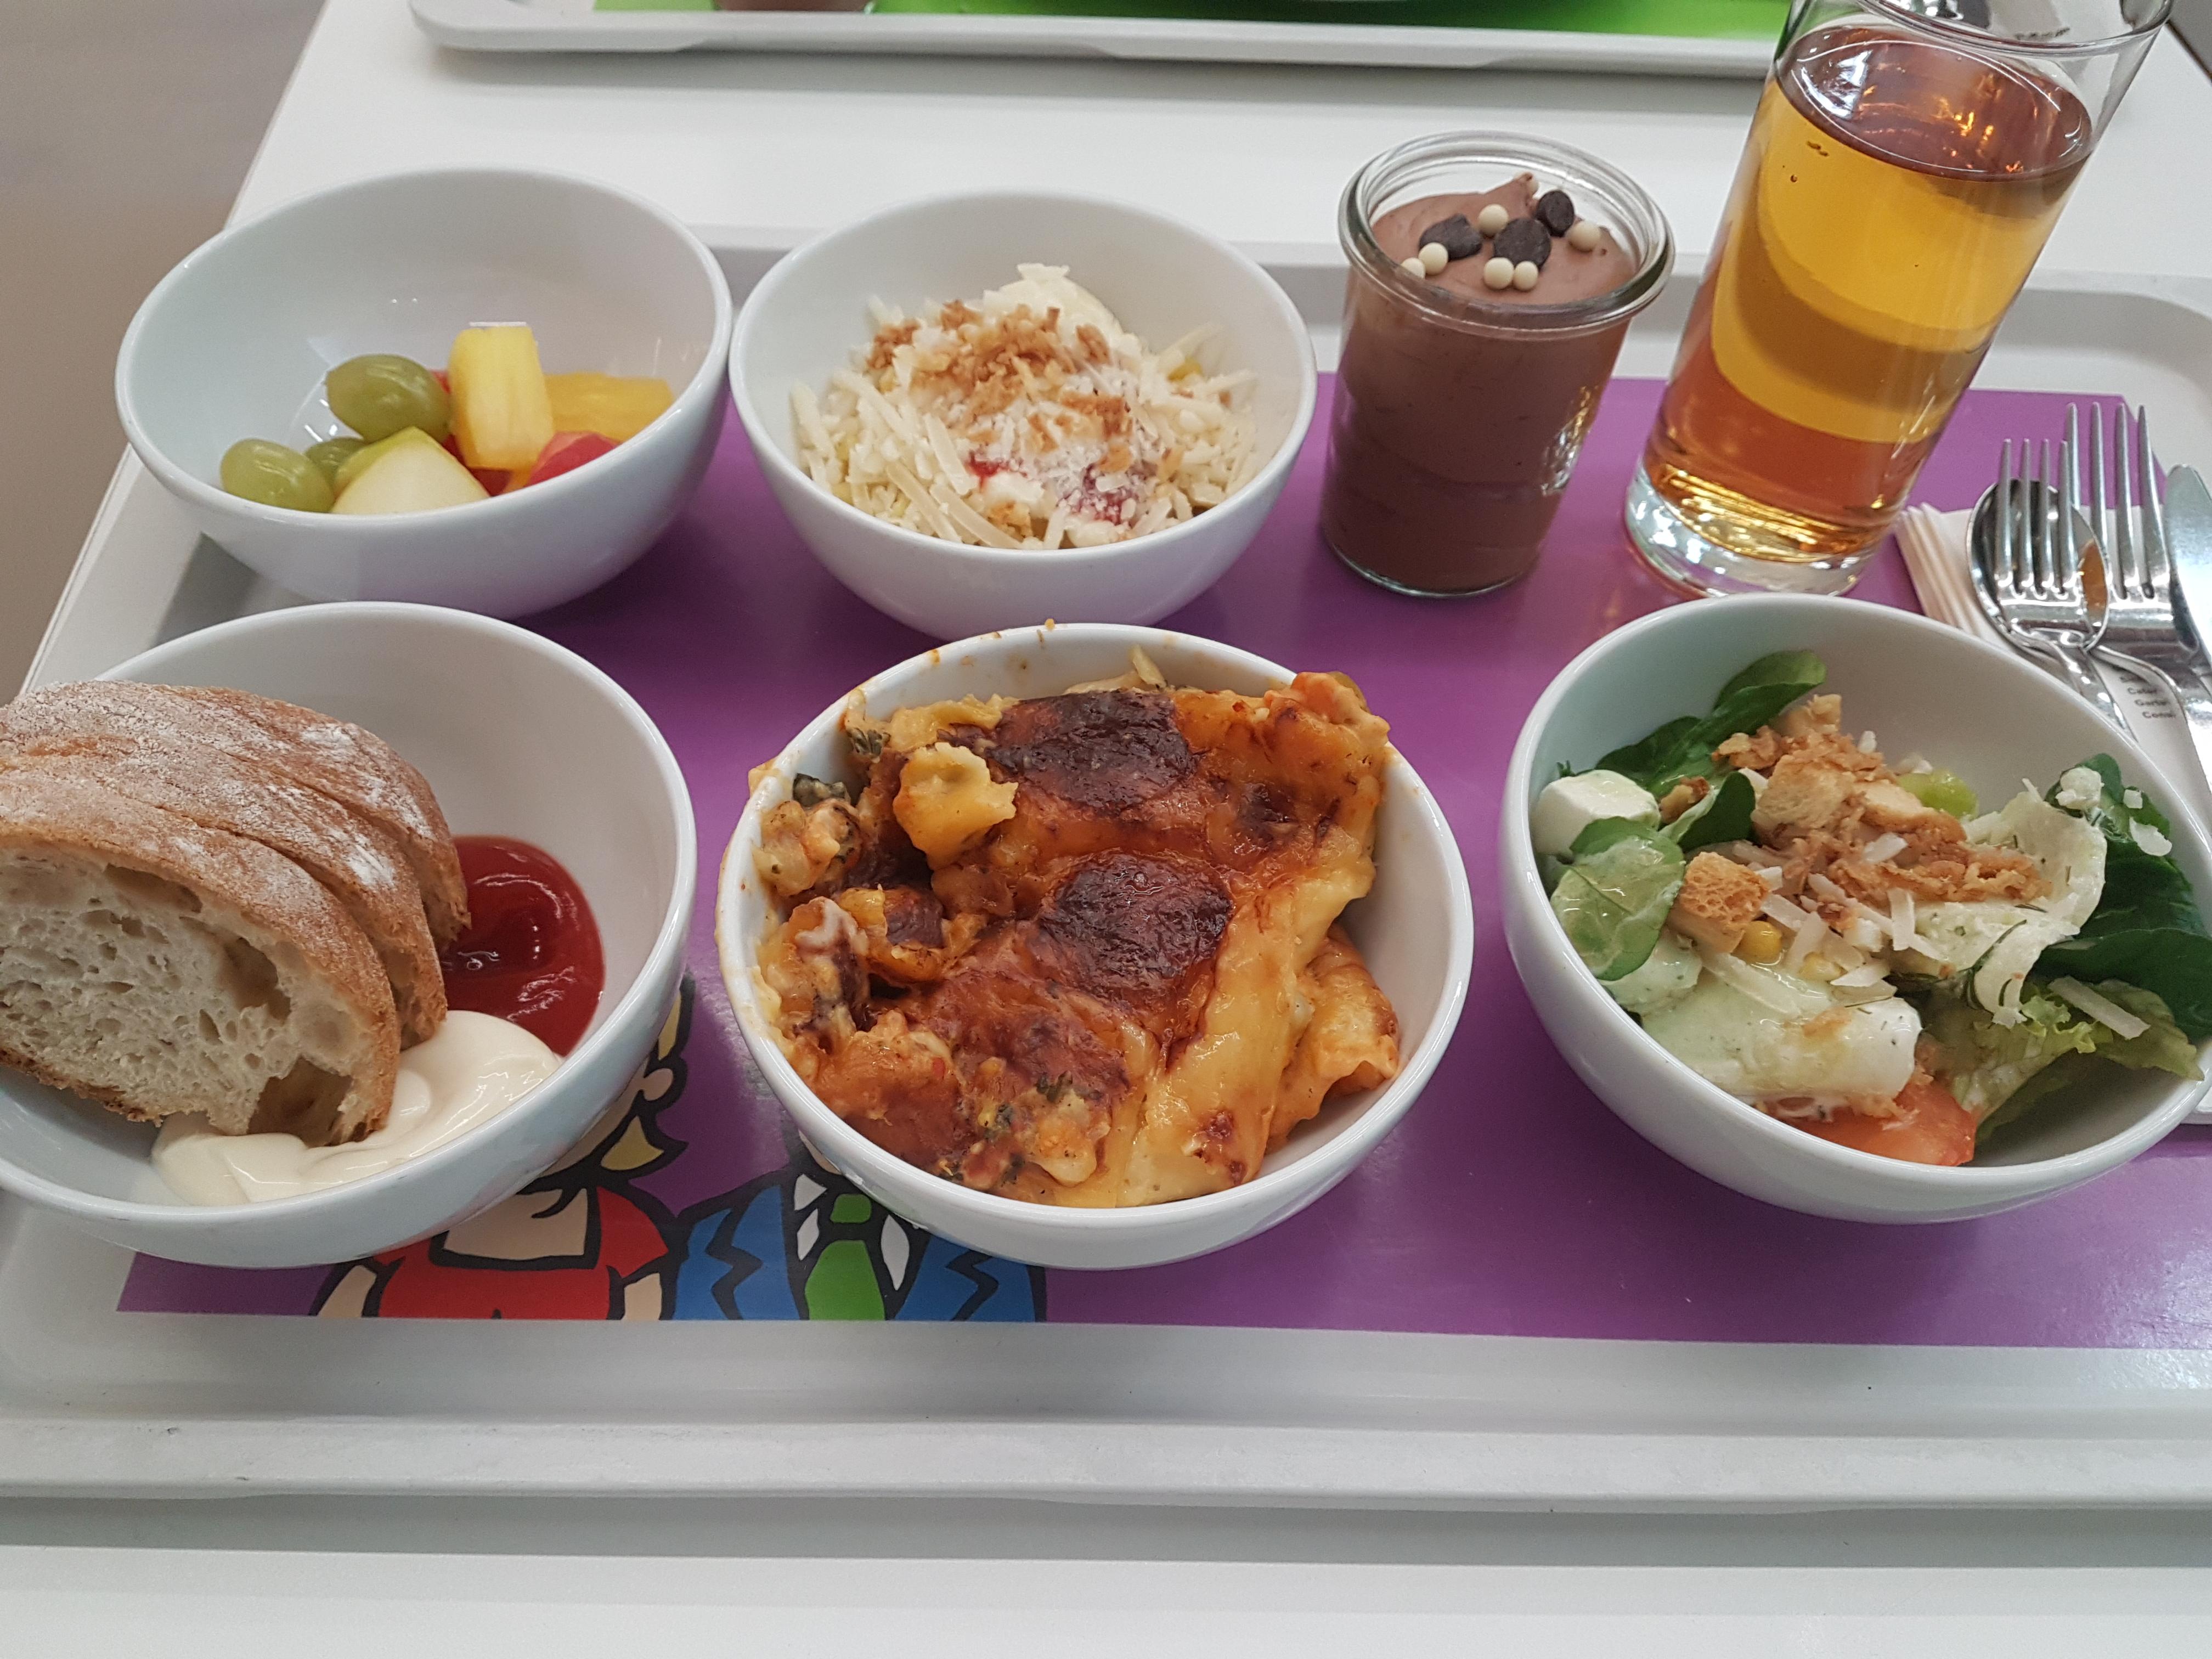 http://foodloader.net/Holz_2017-12-20_Mix.jpg